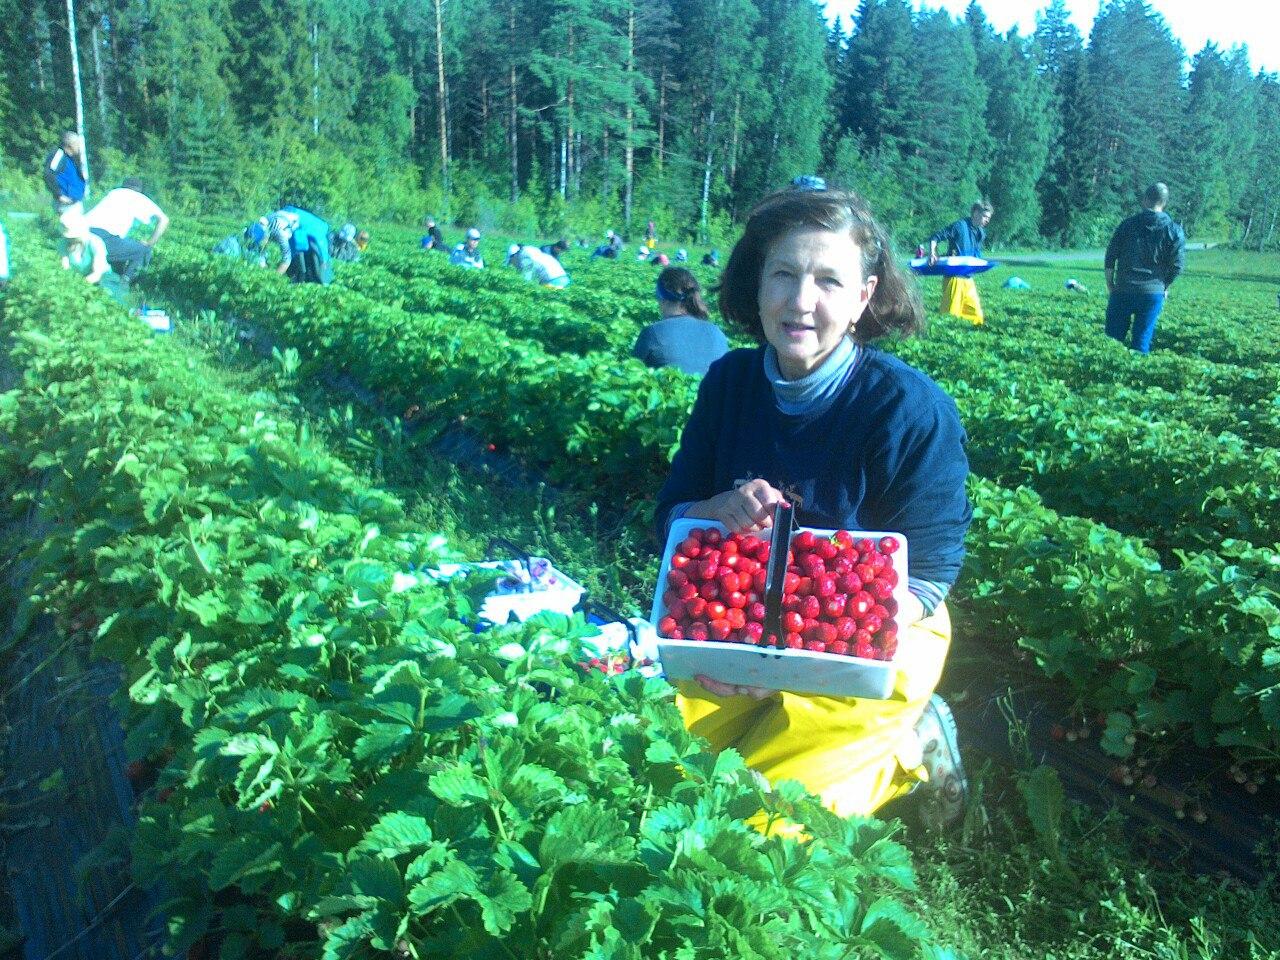 Зульфия Шевченко на сборе клубники в Финляндии. Фото из личного архива